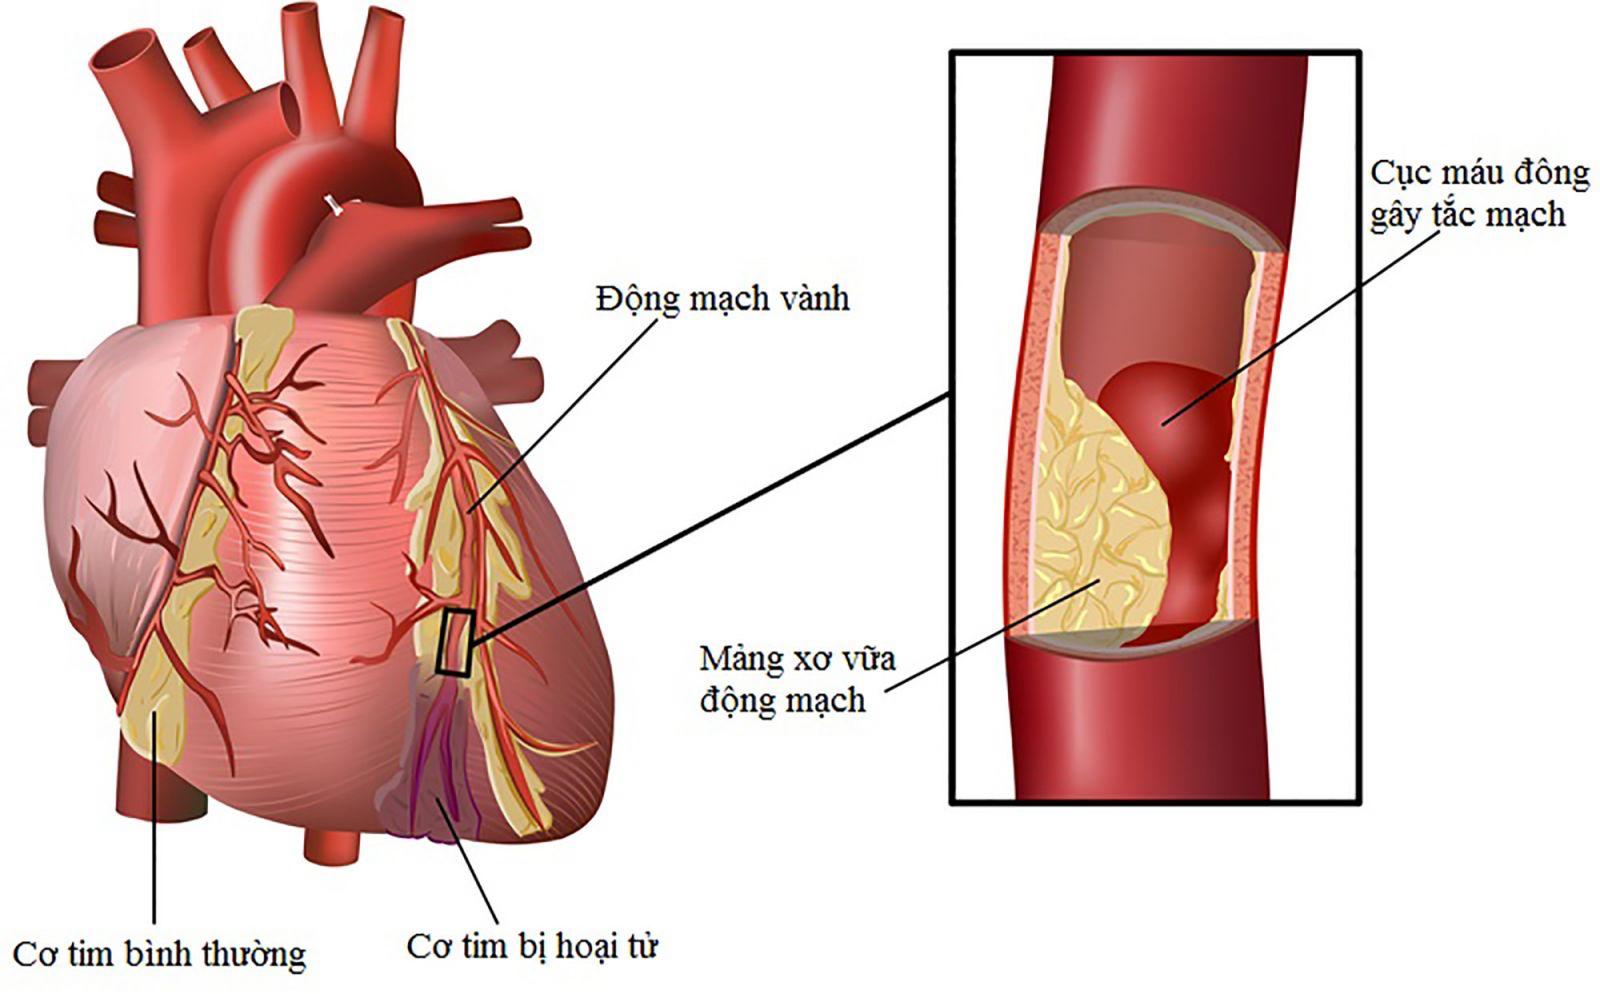 Rối loạn cương dương do xơ vữa động mạch 3